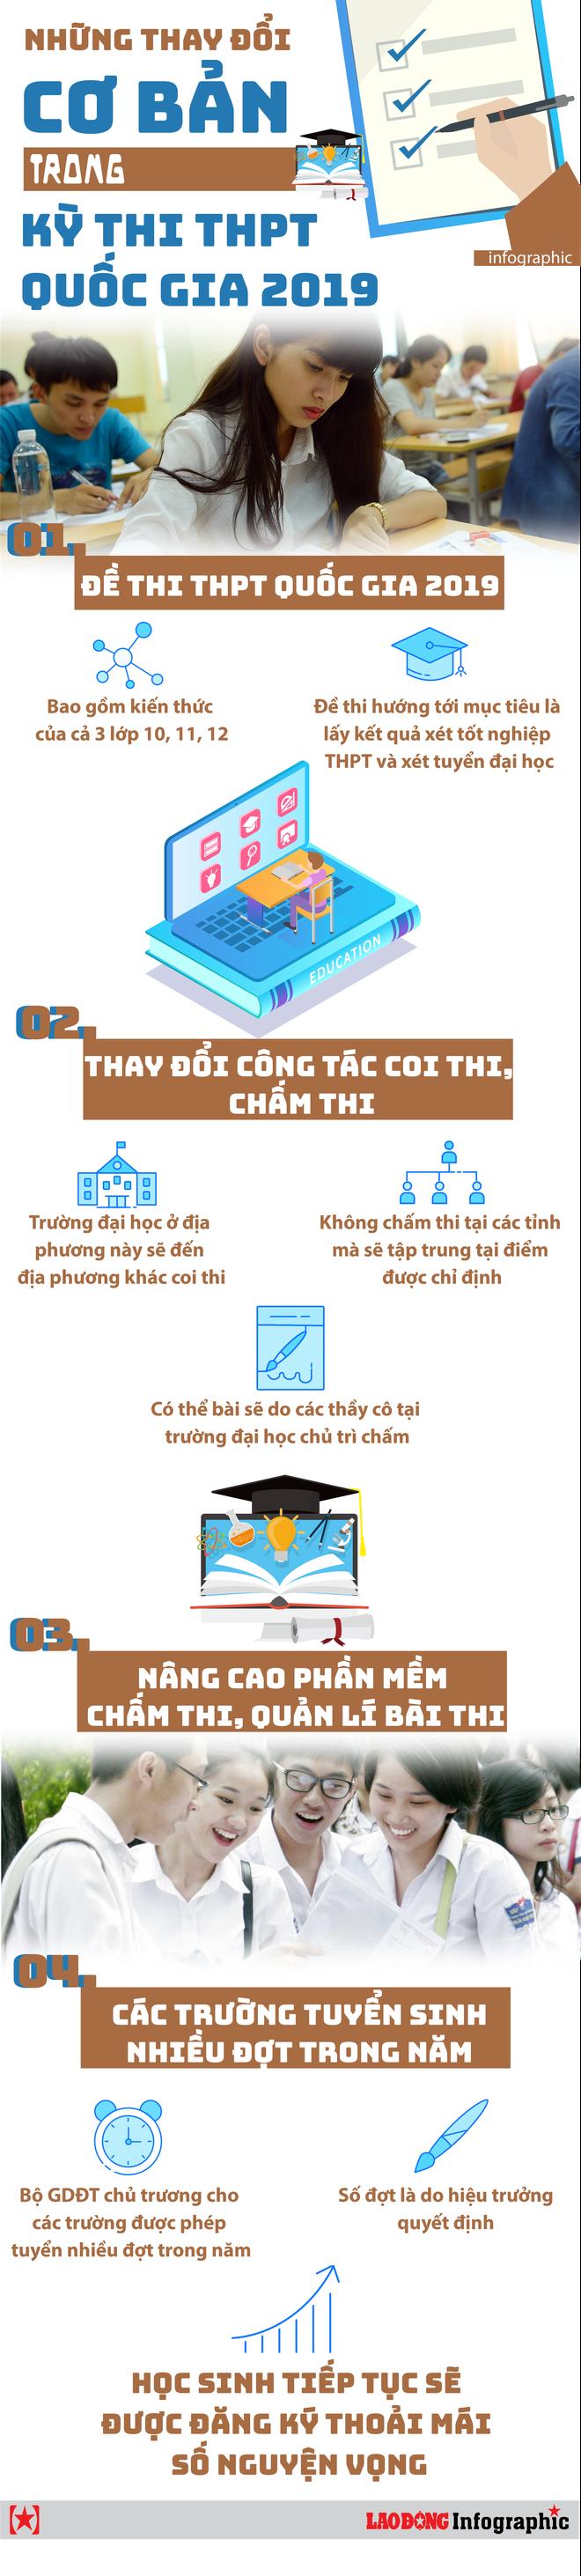 Infographic: Những thay đổi cơ bản trong kỳ thi THPT quốc gia 2019 - Ảnh 1.